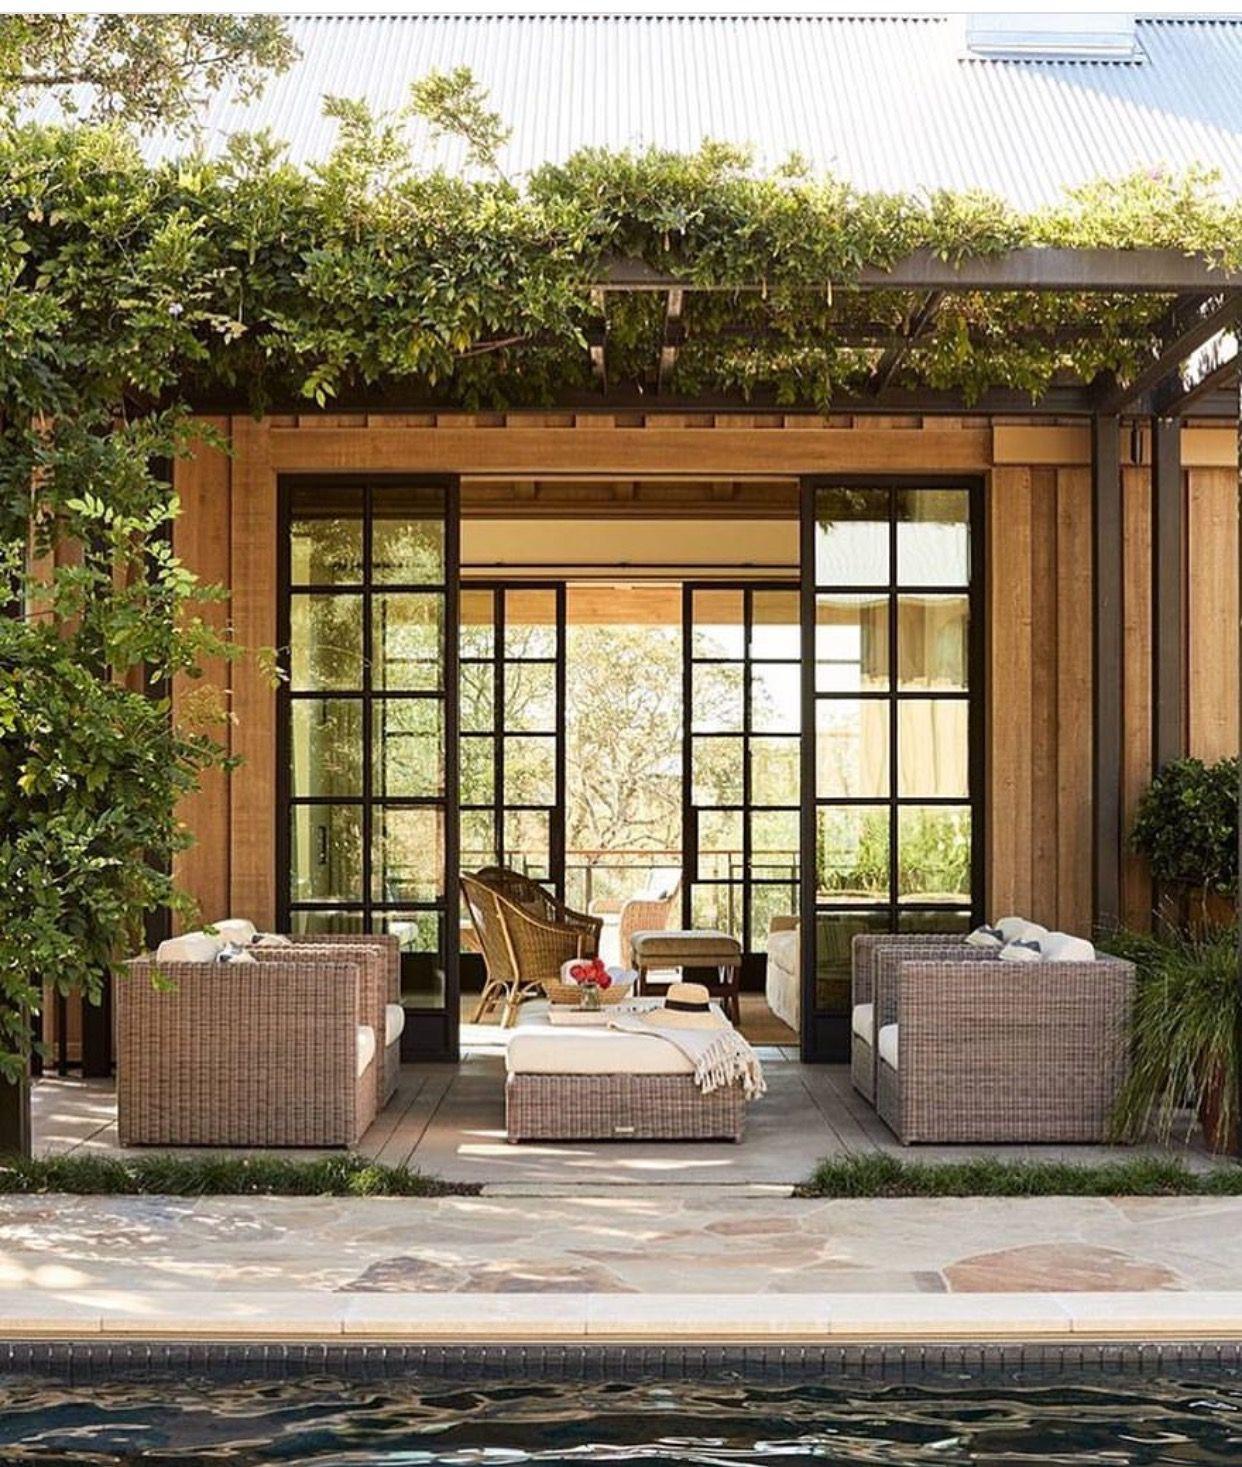 Épinglé Par Atelier Sitael Sur Outdoors And Gardens ... intérieur Verriere Jardin